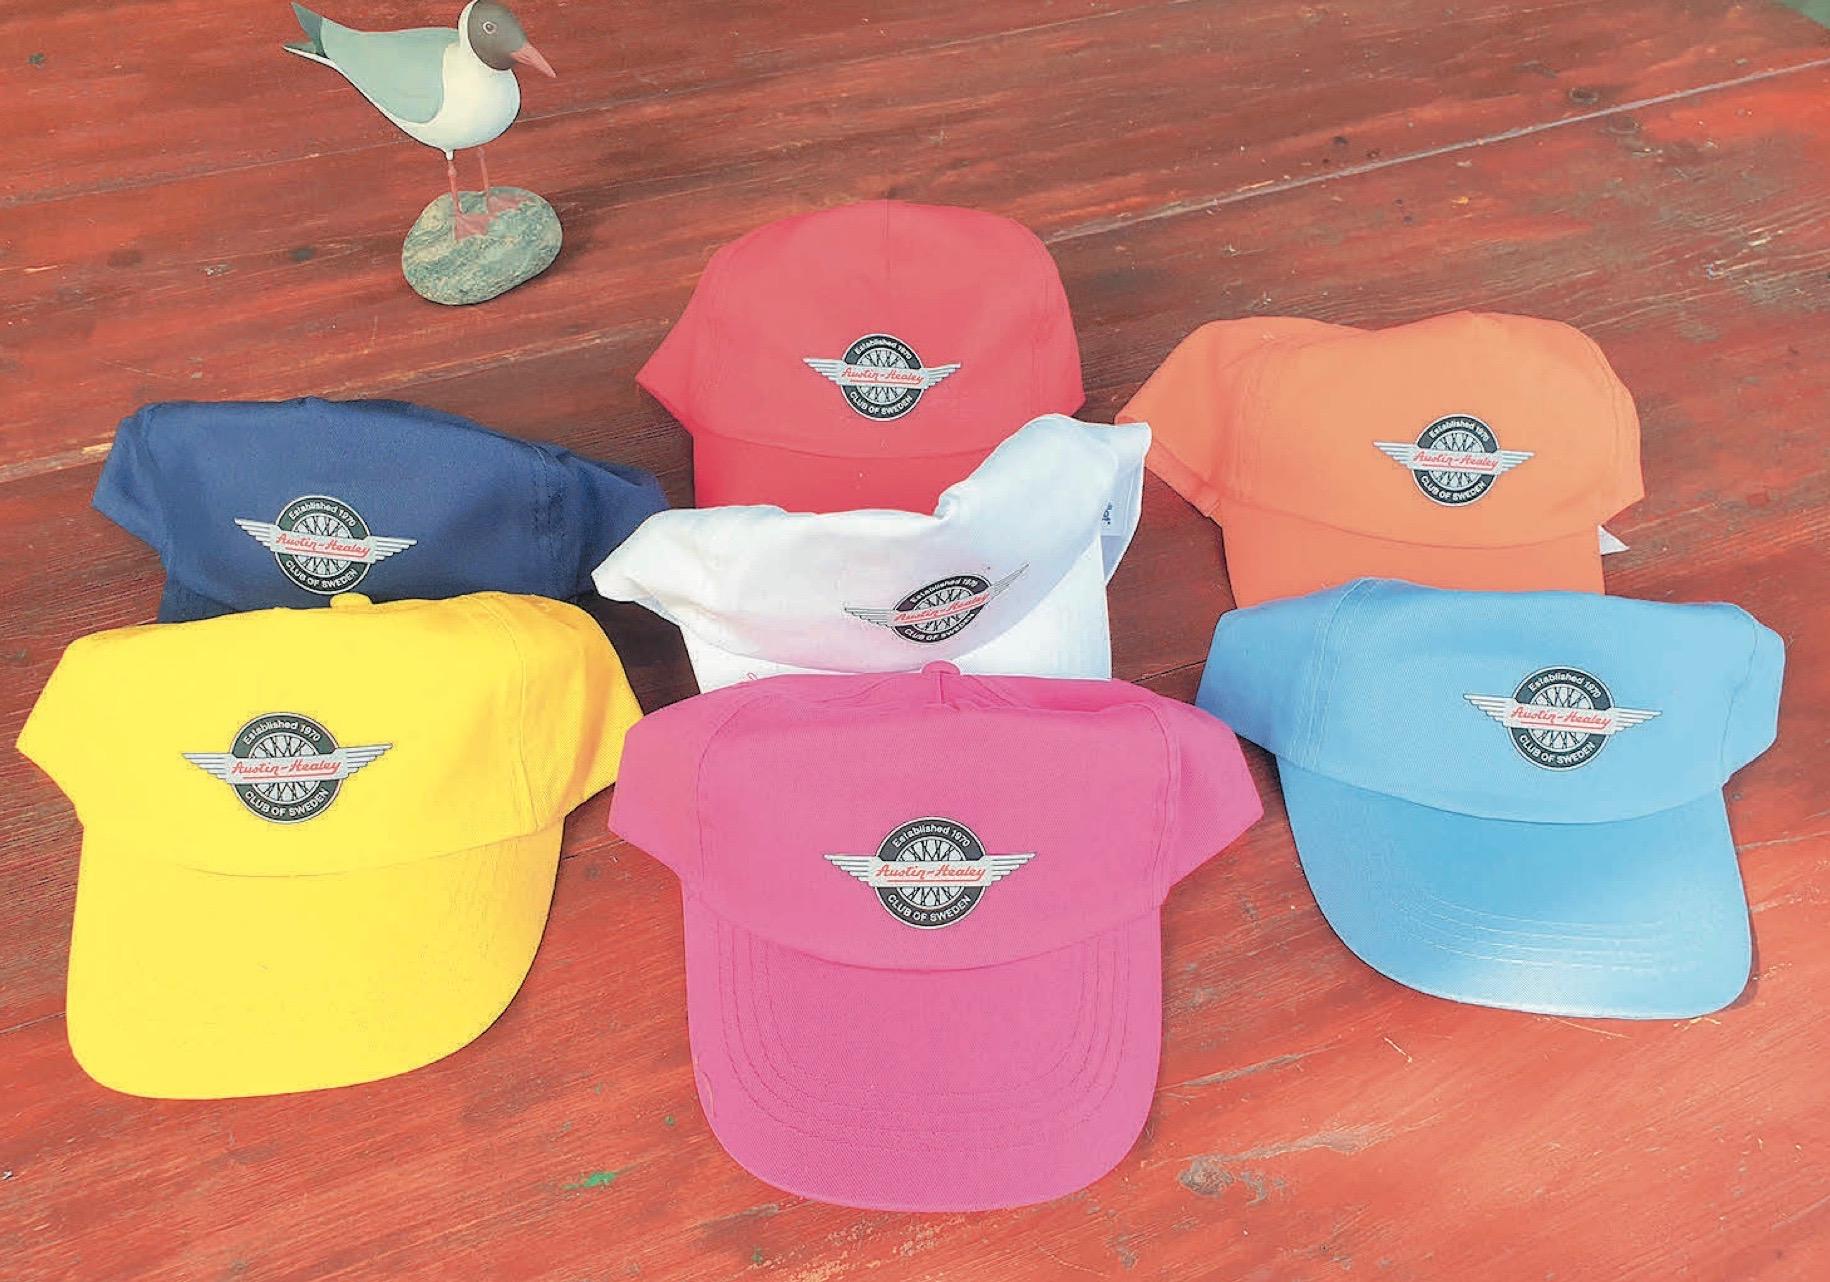 Glada sommarkepsar! Muntra upp din omgivning med en färgstark keps i sommarsolen. Sommarpris: 95kr